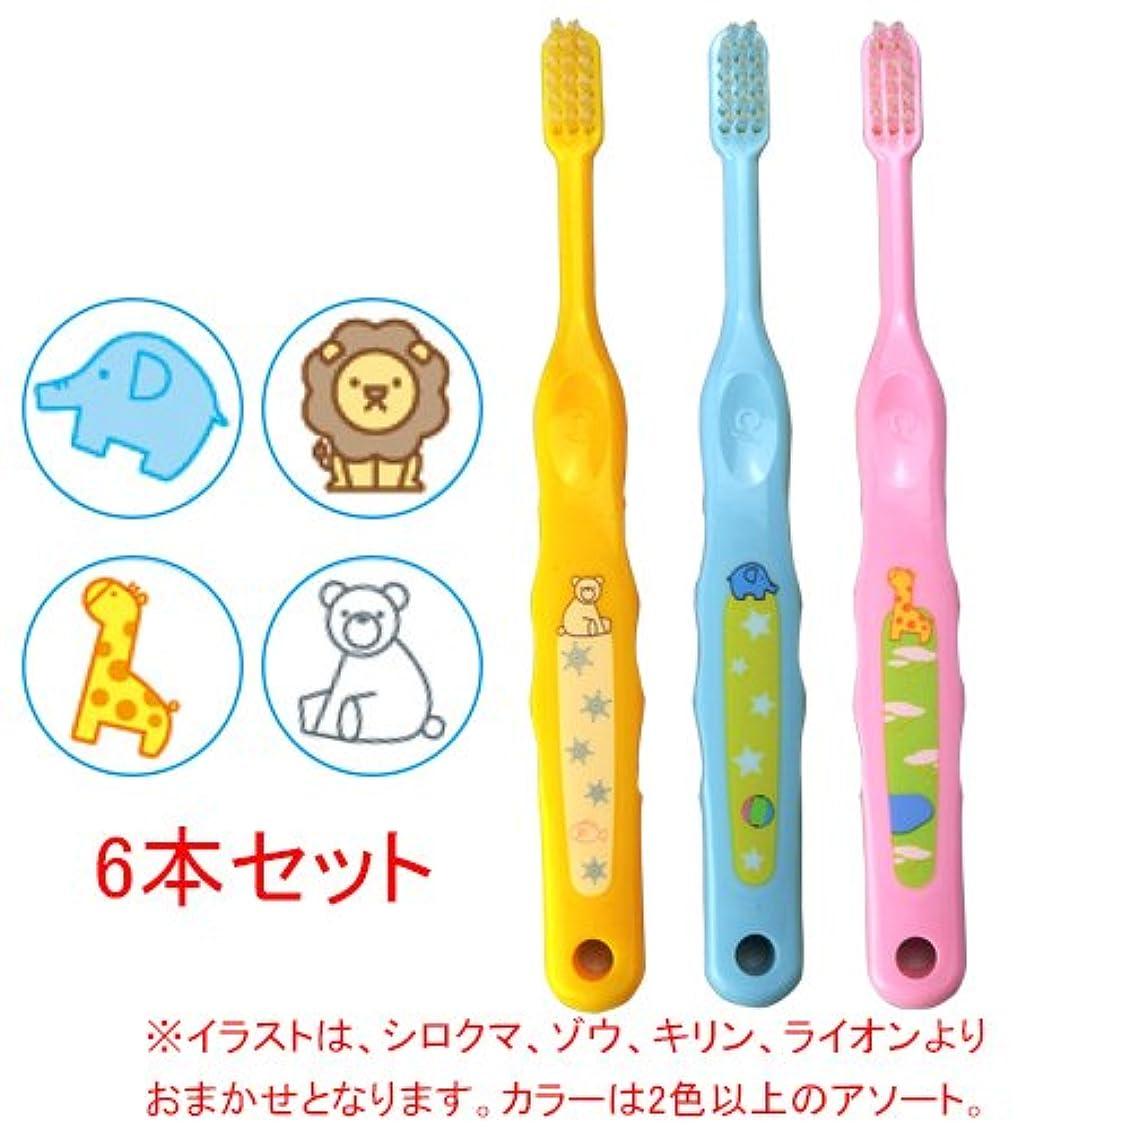 船員締め切りリッチCiメディカル Ci なまえ歯ブラシ 502(ふつう) (乳児~小学生向)×6本